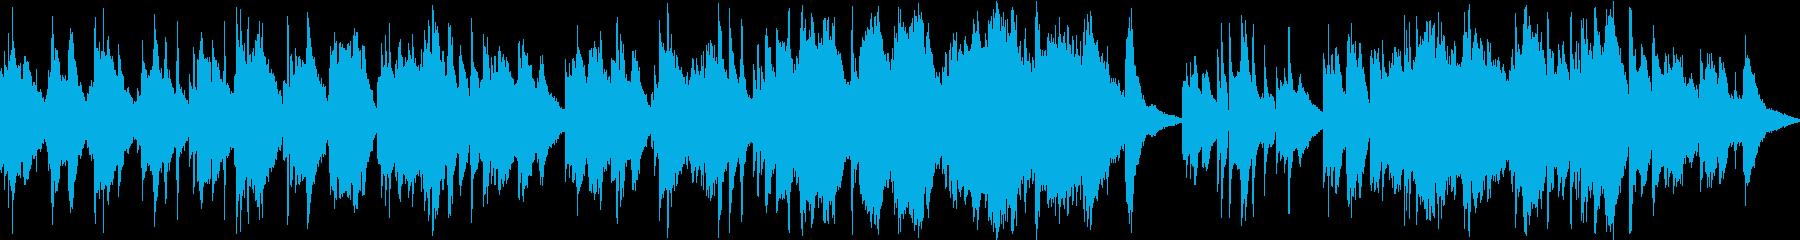 RPGの神秘的な森・ダンジョン・ループ版の再生済みの波形